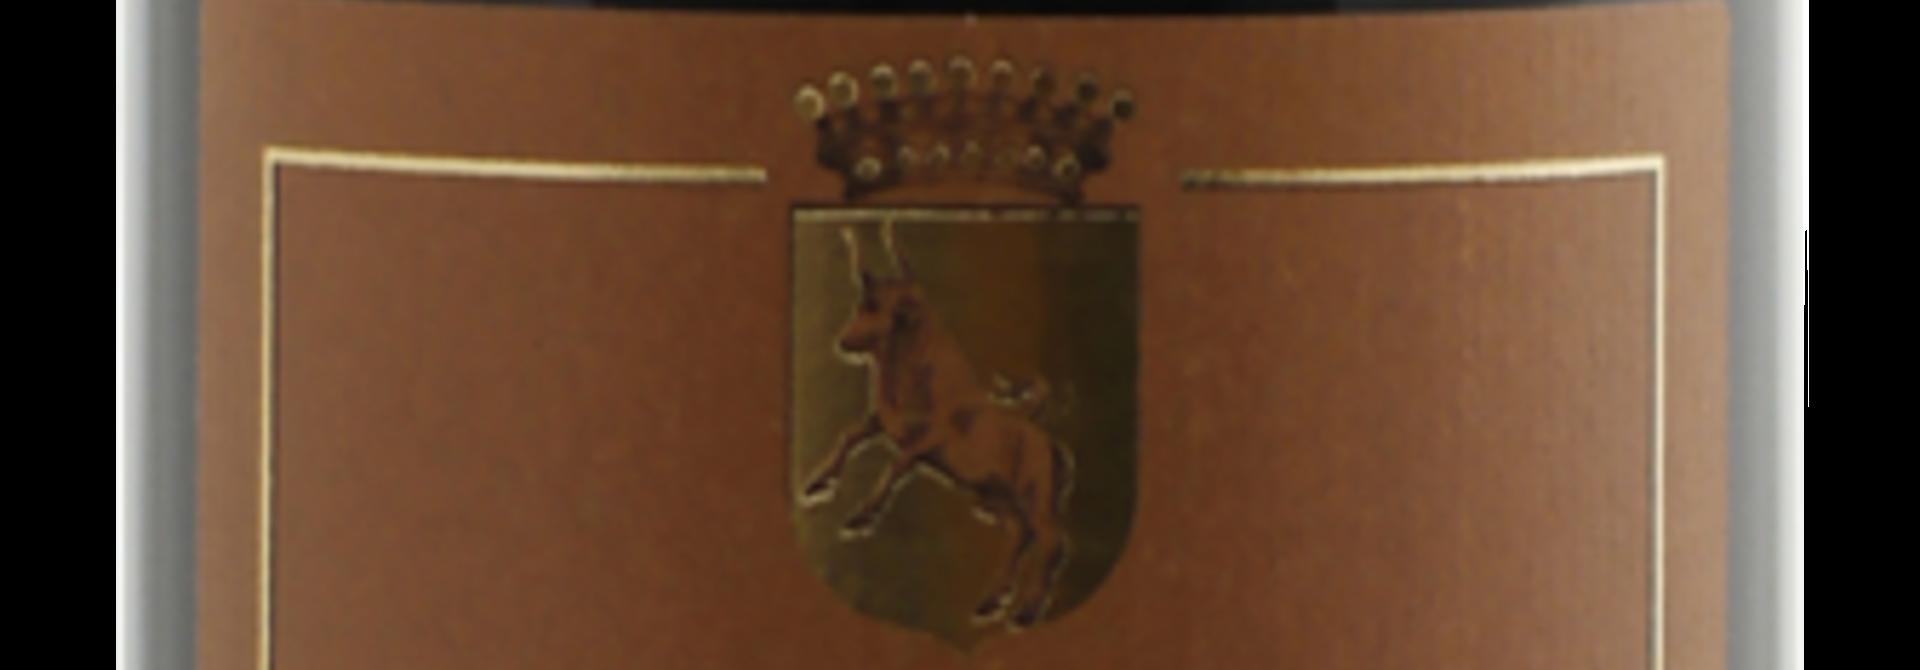 Conti Costanti Brunello di Montalcino 2015